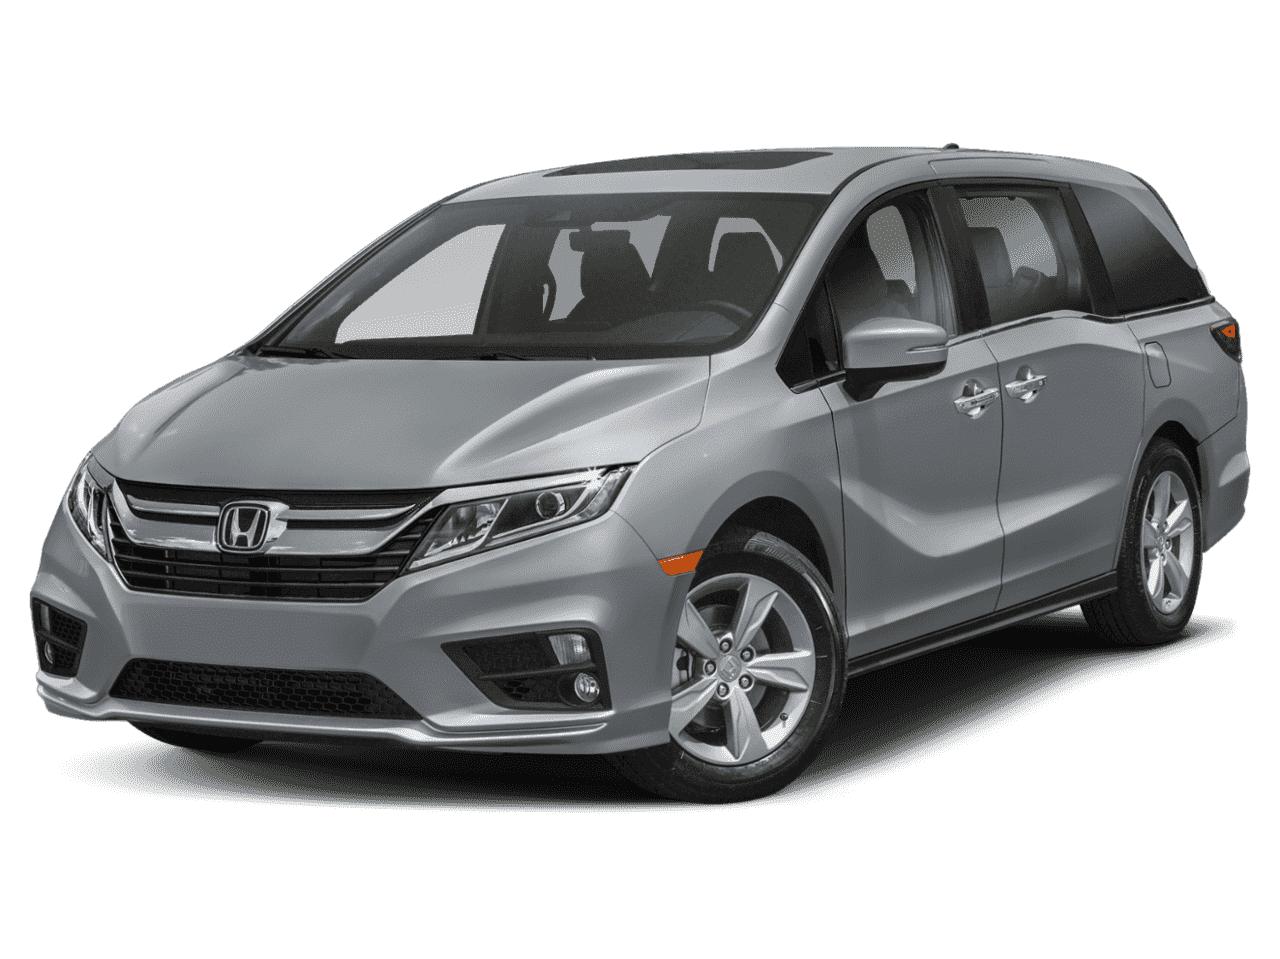 Minivan-Rental-Vancouver-Minivan-Car-Rental-Honda-Odyssey